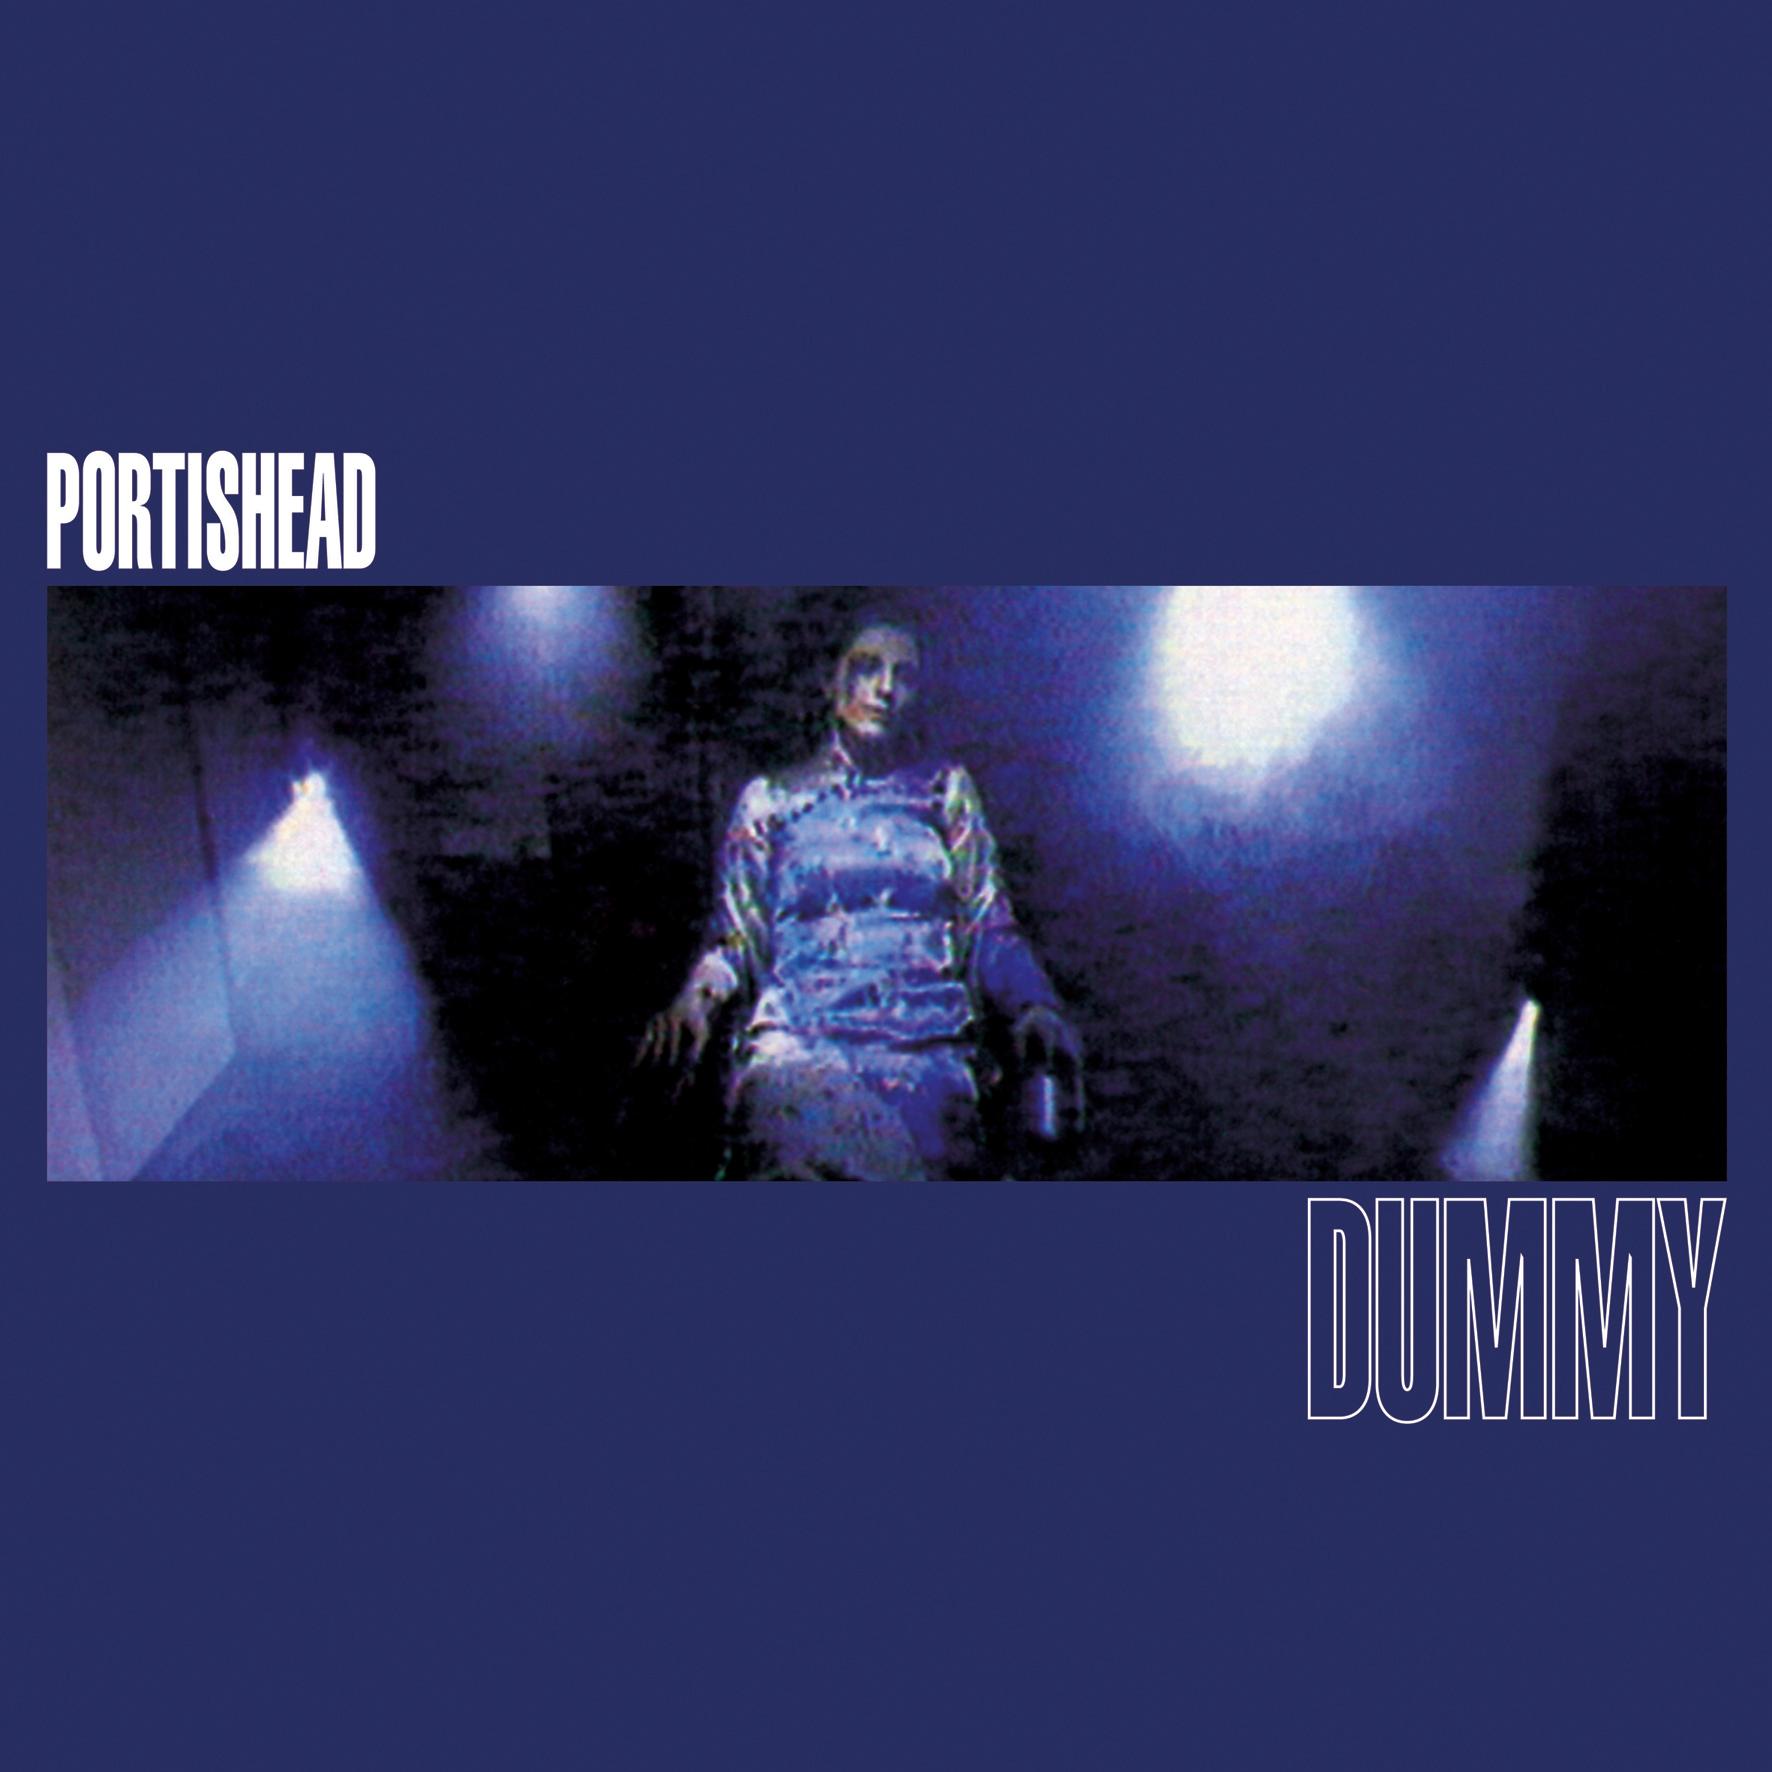 """Se anuncia reedición de 20 aniversario del """"Dummy"""" de Portishead"""